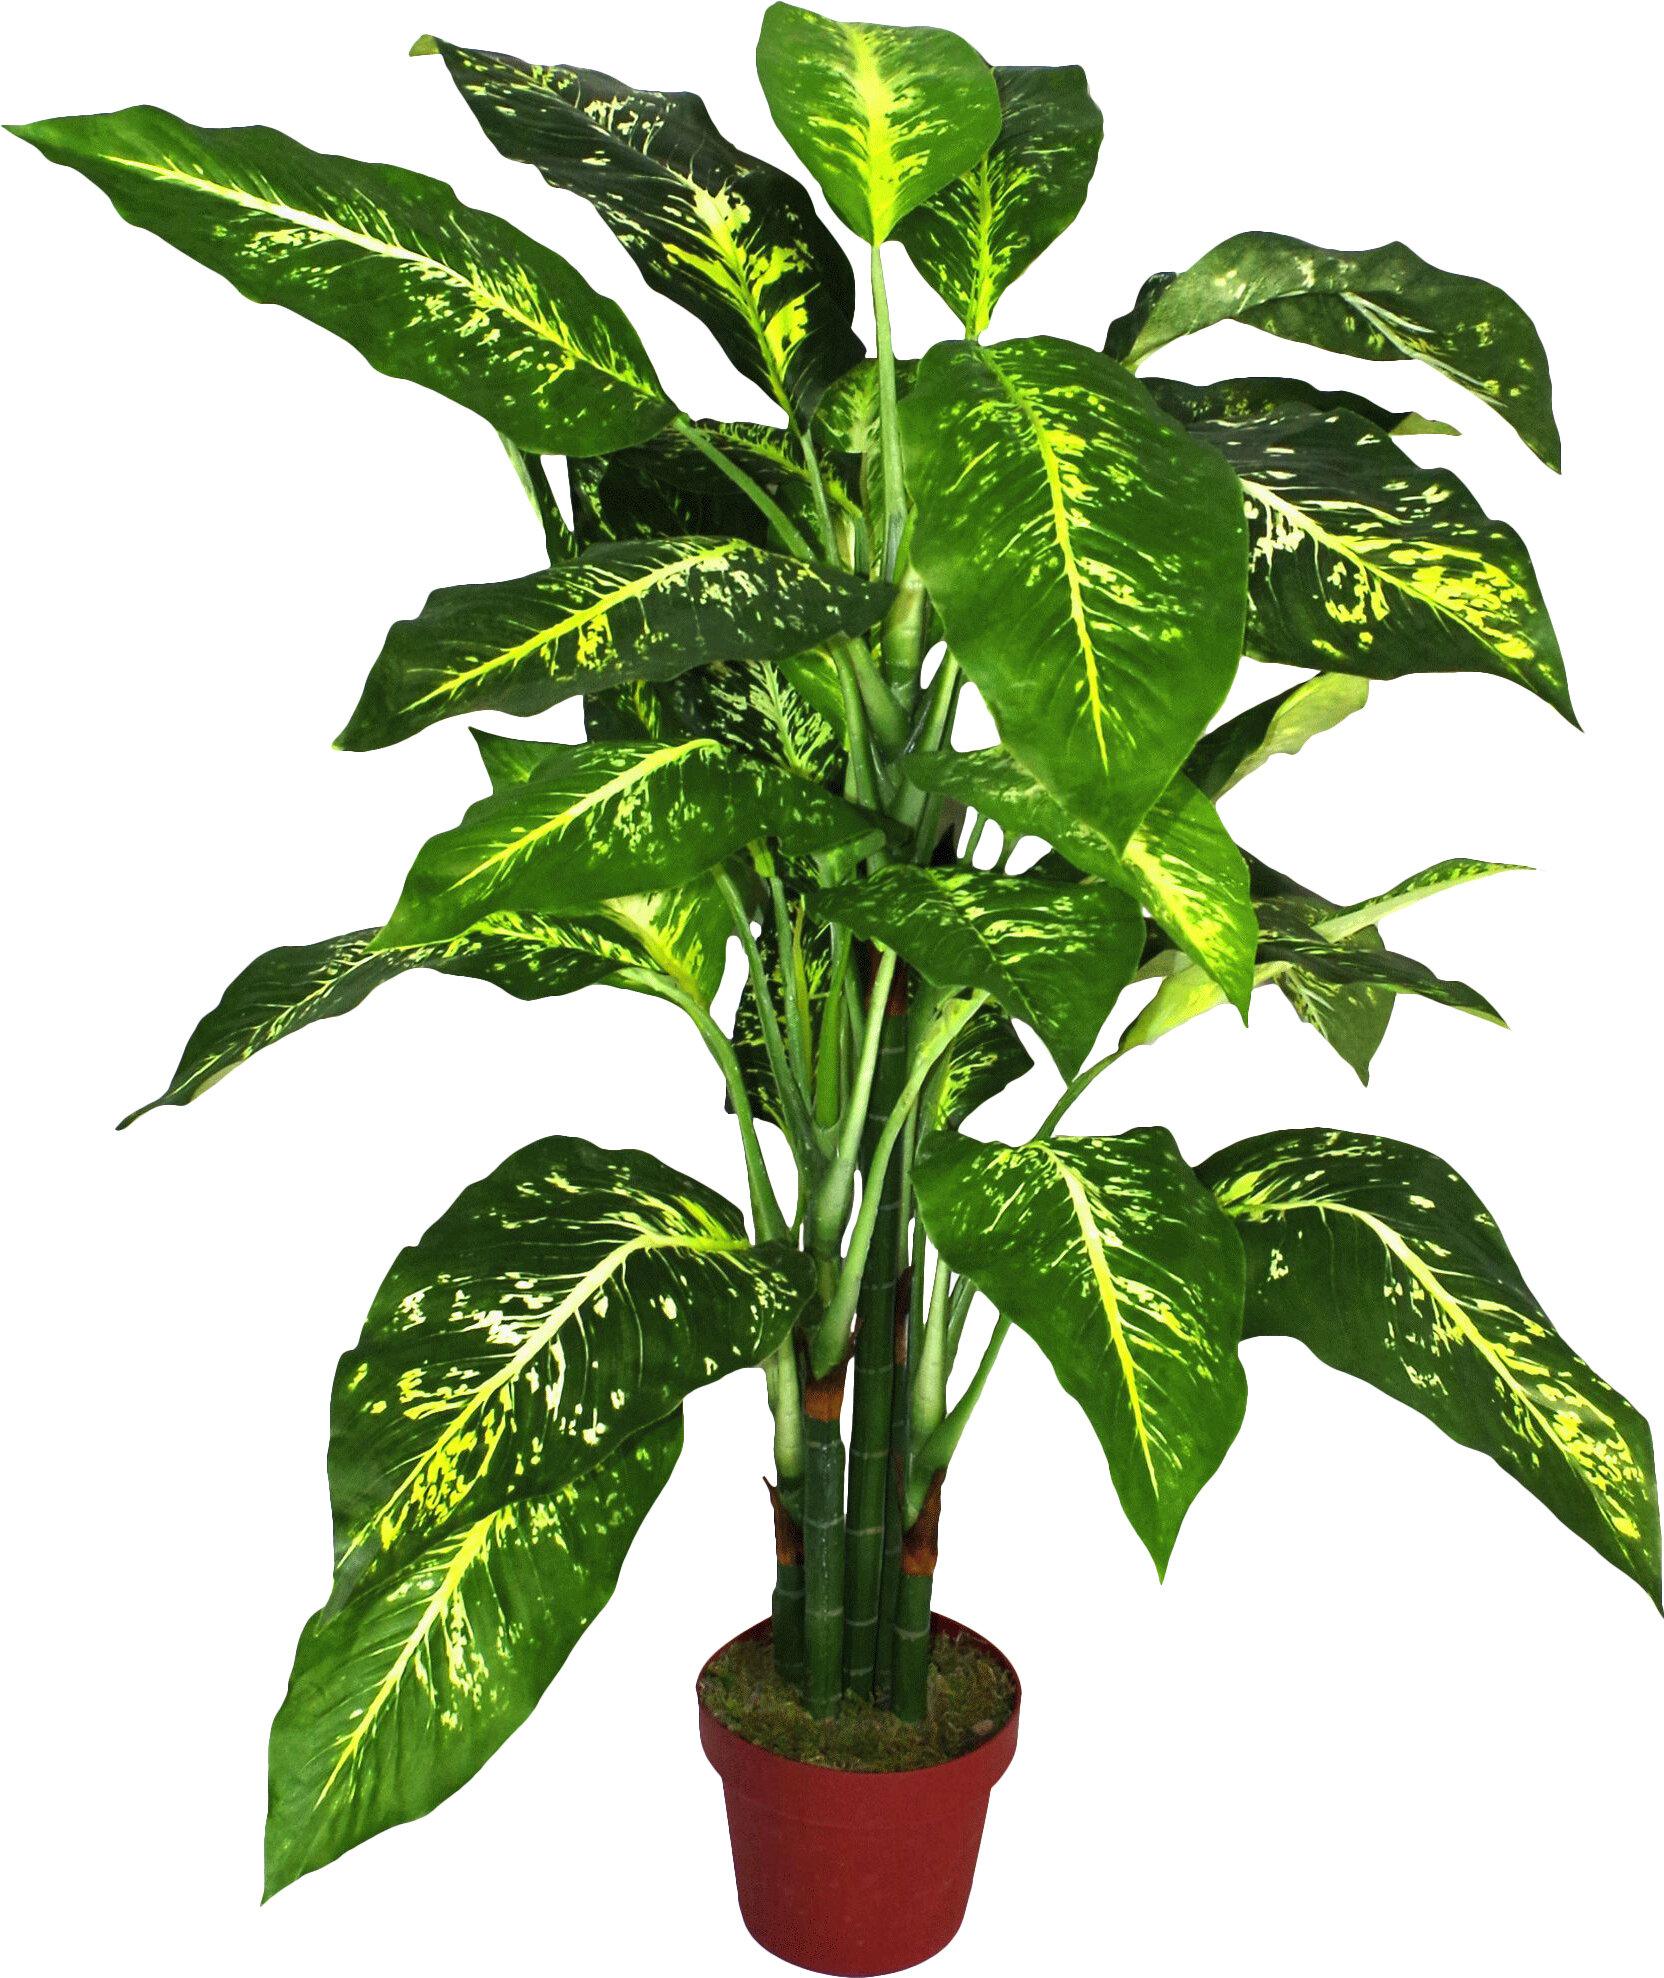 Artificial Aglaonema Costatum Plant